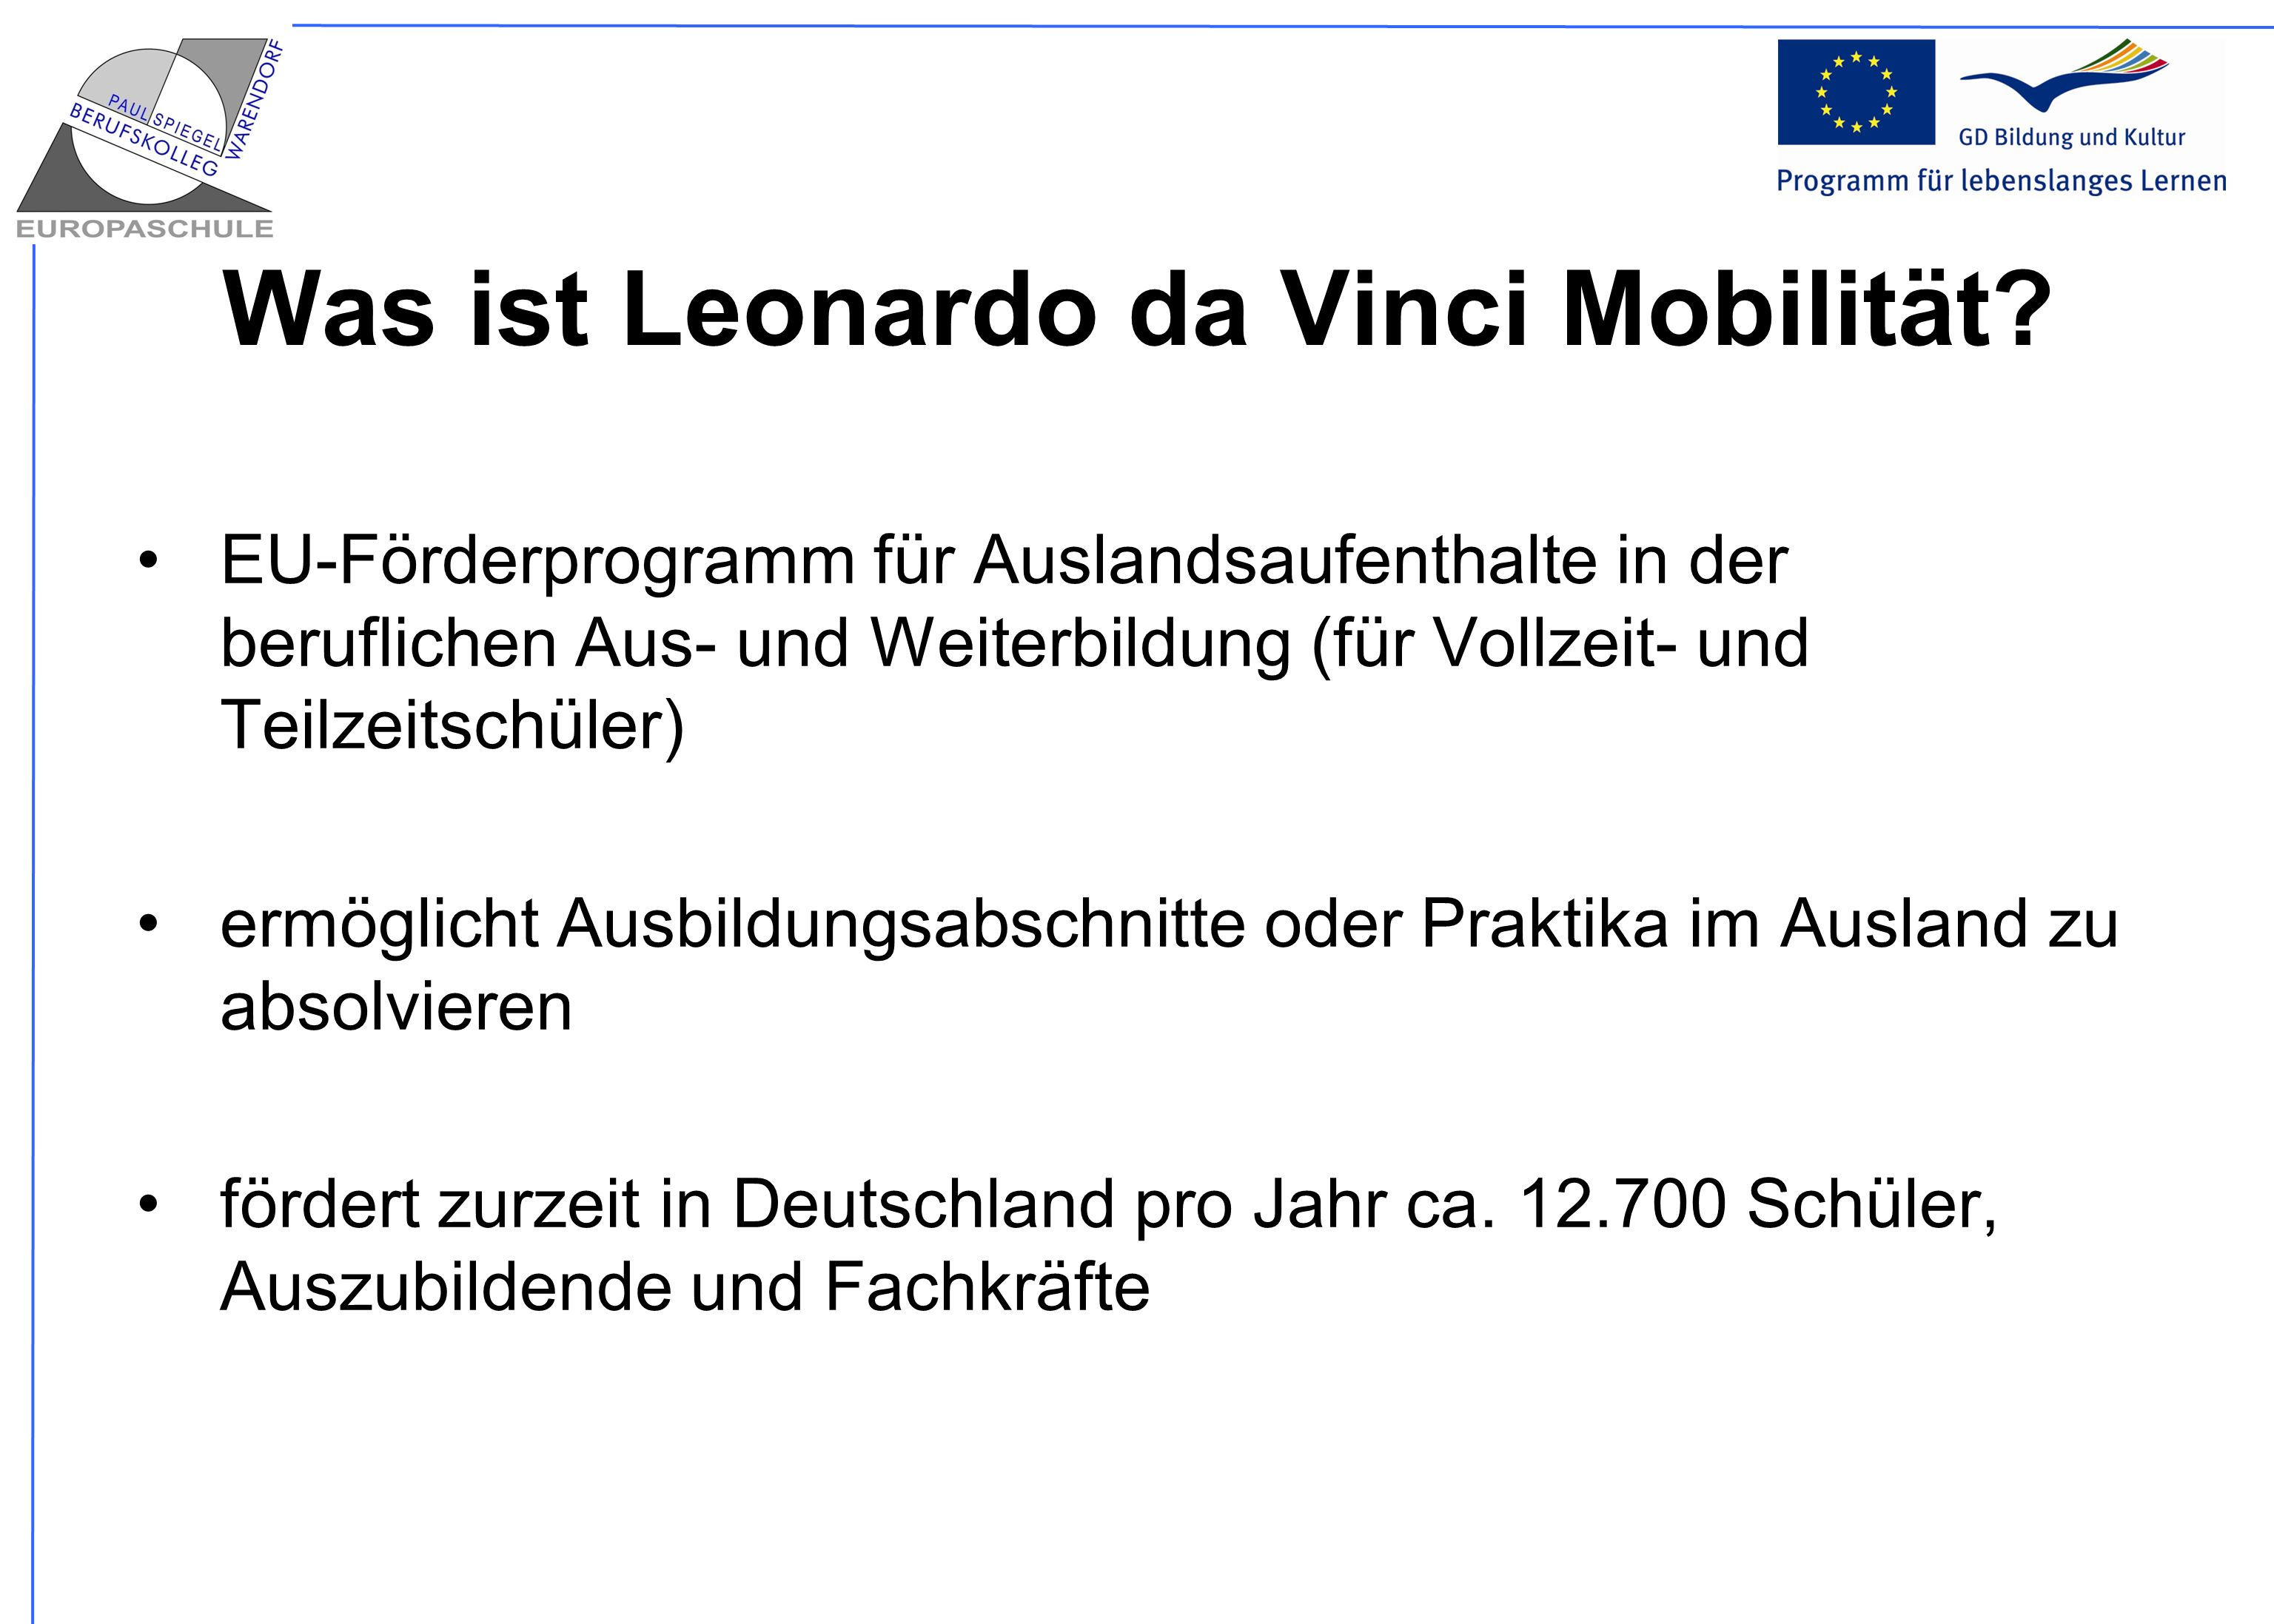 Was ist Leonardo da Vinci Mobilität? EU-Förderprogramm für Auslandsaufenthalte in der beruflichen Aus- und Weiterbildung (für Vollzeit- und Teilzeitsc